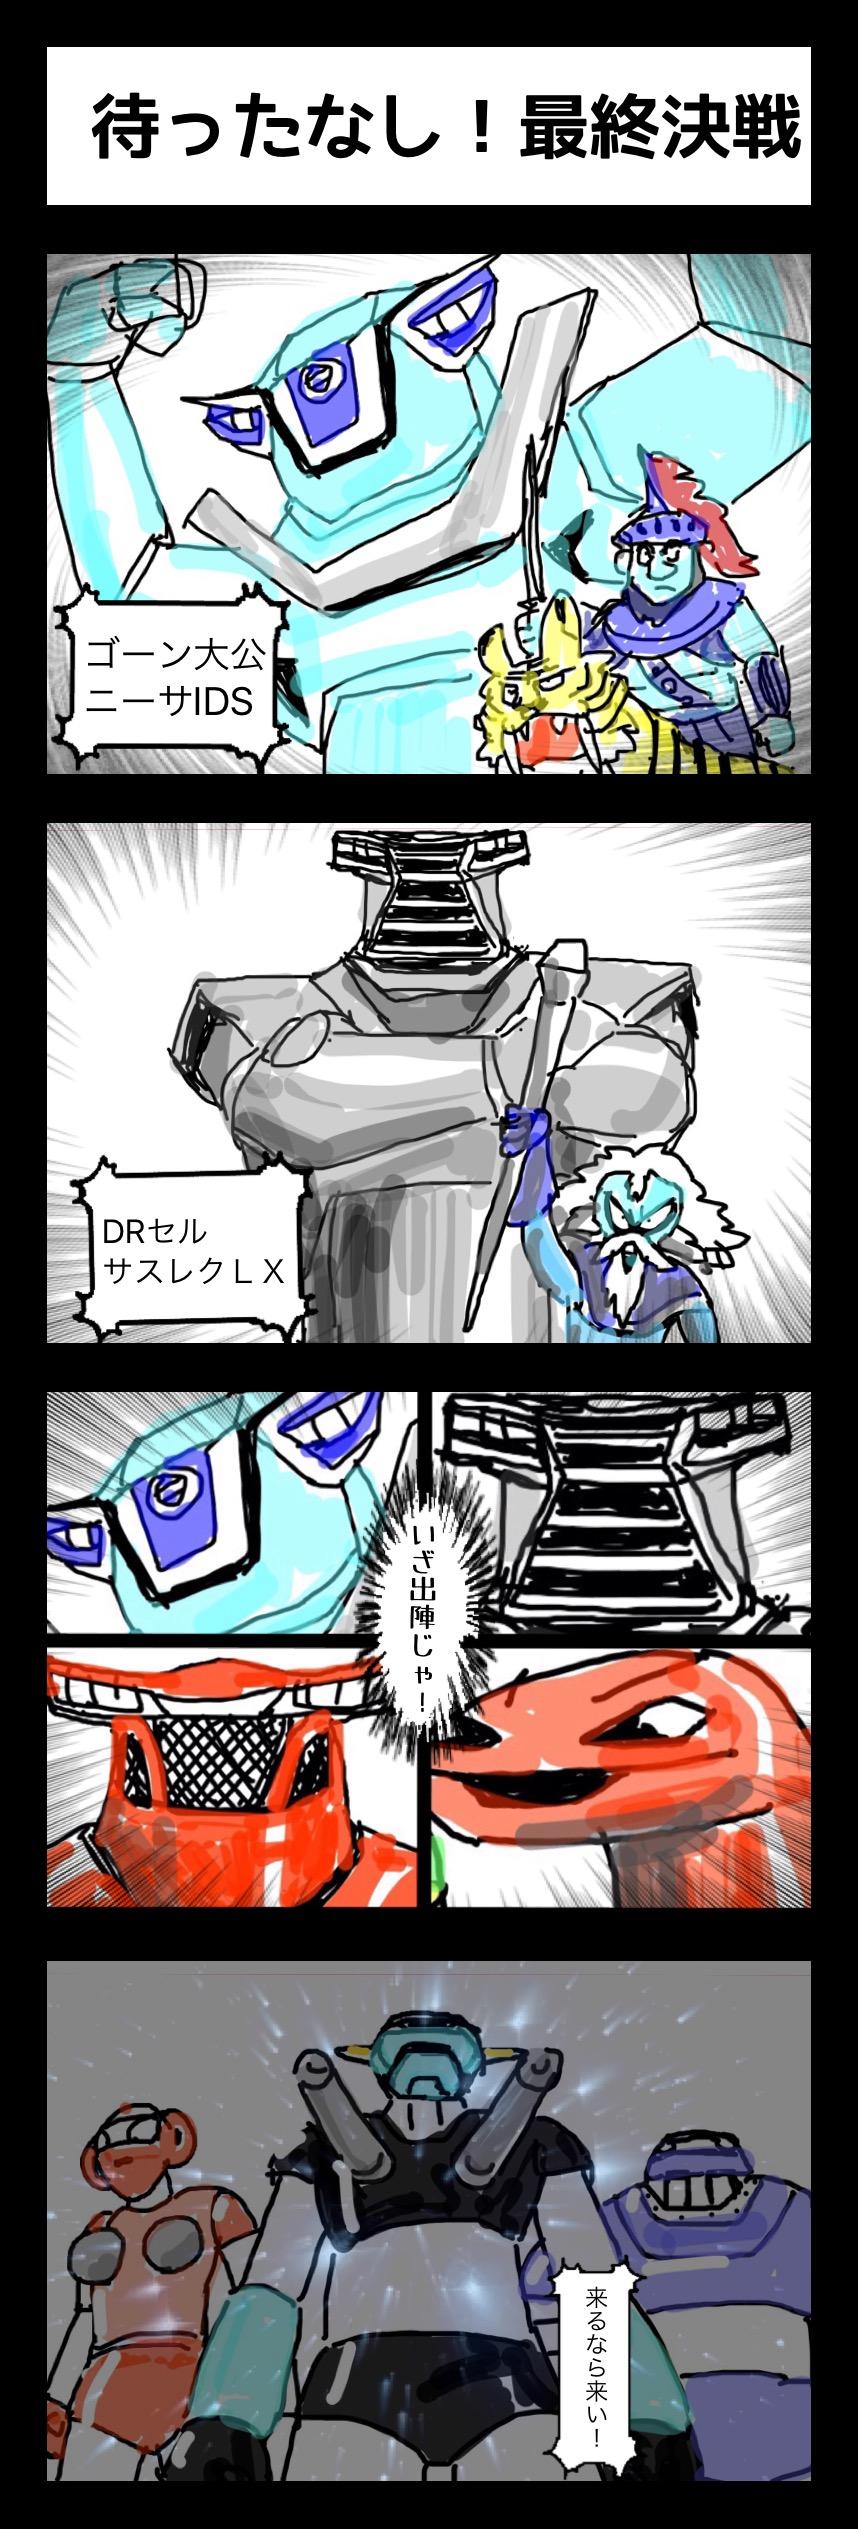 連載4コマ漫画 アトランダーV 第42話